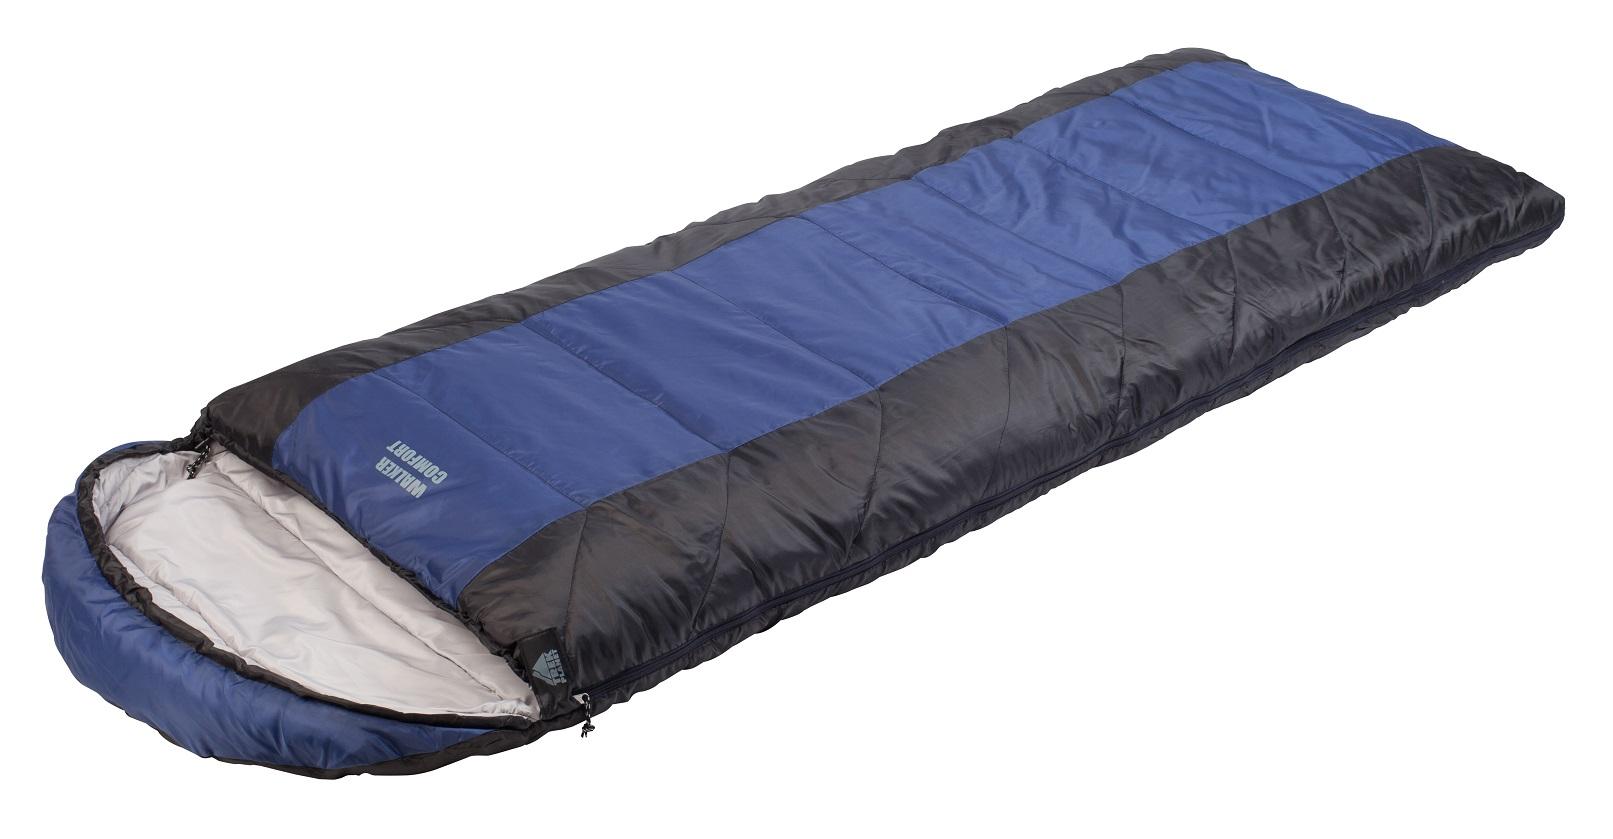 Спальник TREK PLANET Walker Comfort, левосторонняя молния, цвет: темно-серый, синийSPIRIT ED 1050Комфортный, просторный и теплый спальник-одеяло с капюшоном TREK PLANET Walker Comfort предназначен для походов и для отдыха на природе как в летнее время, так и в весенне-осенний период. Утеплен двумя слоями техничного 4-канального волокна Hollow Fiber. Внутренняя ткань: мягкий полиэстер (Pongee).Данная модель имеет возможность состегивания спальников между собой.Для этого вам необходимо приобрести спальник с правой и с левой молнией. Особенности:Глубокий удобный капюшон,4-канальный наполнитель Hollow Fiber,Внешний материал: полиэстер,Внутренняя ткань: мягкий полиэстер (Pongee),Молния имеет два замка с обеих сторон,Термоклапан вдоль молнии,Внутренний карман,Возможно состегивание спальников между собой,К спальнику прилагается чехол для удобного хранения и переноски.